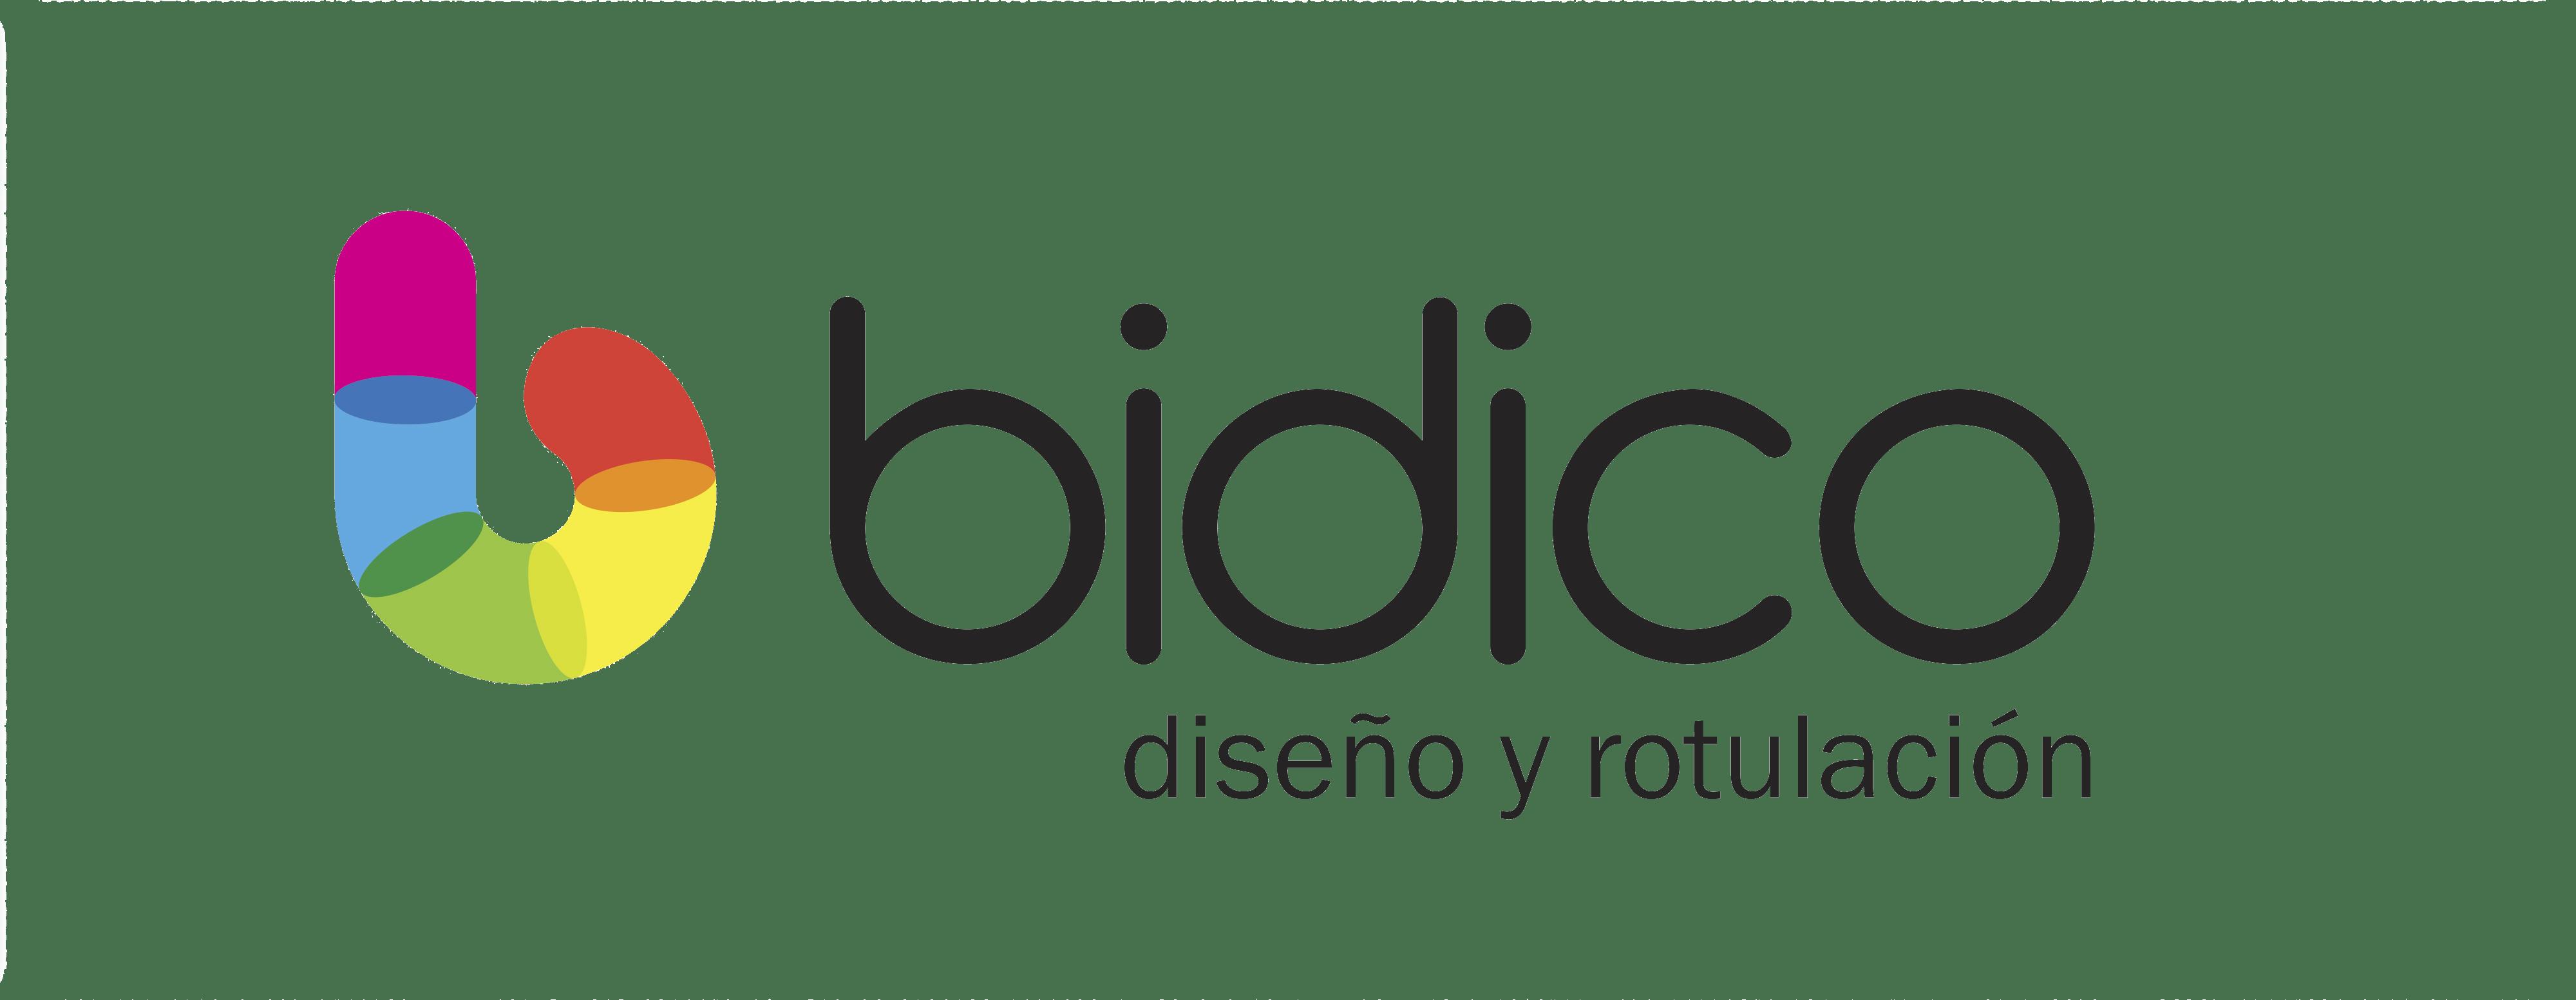 bidicocolor